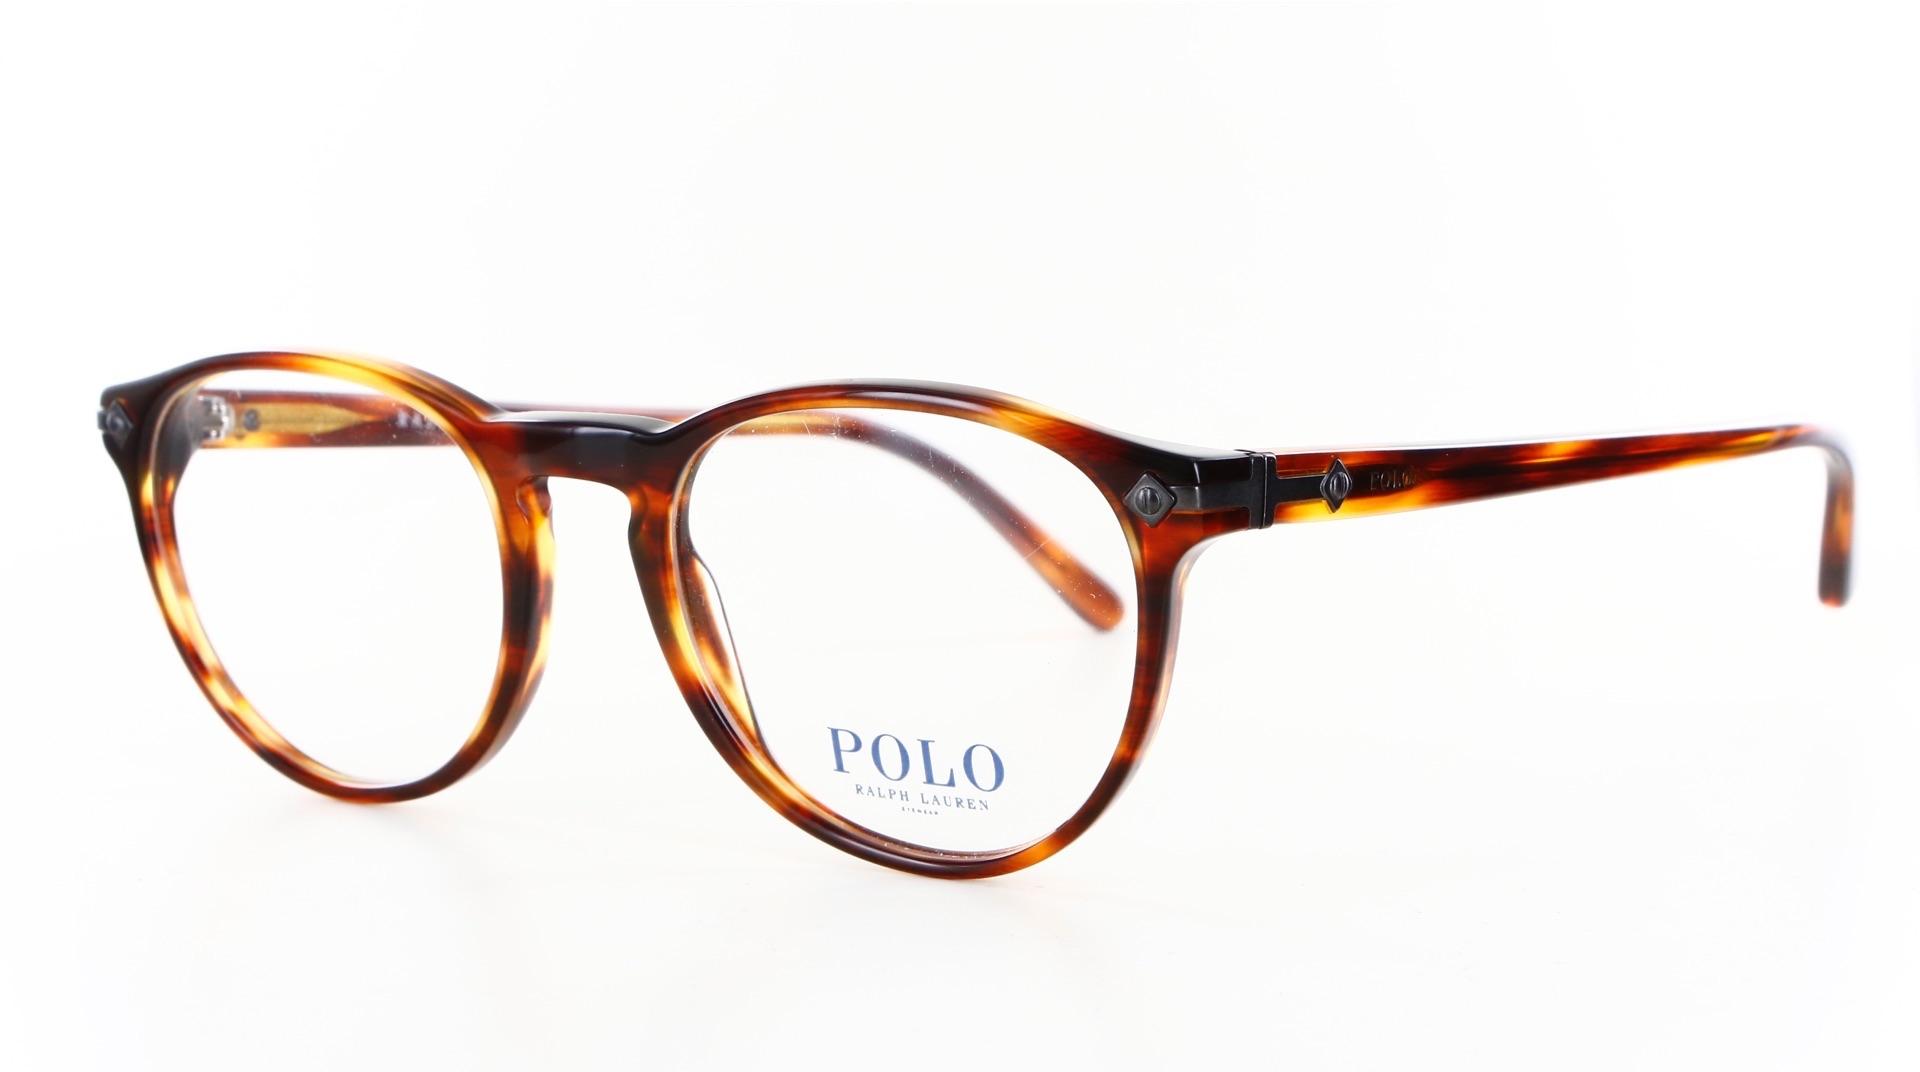 Polo Ralph Lauren - ref: 74312